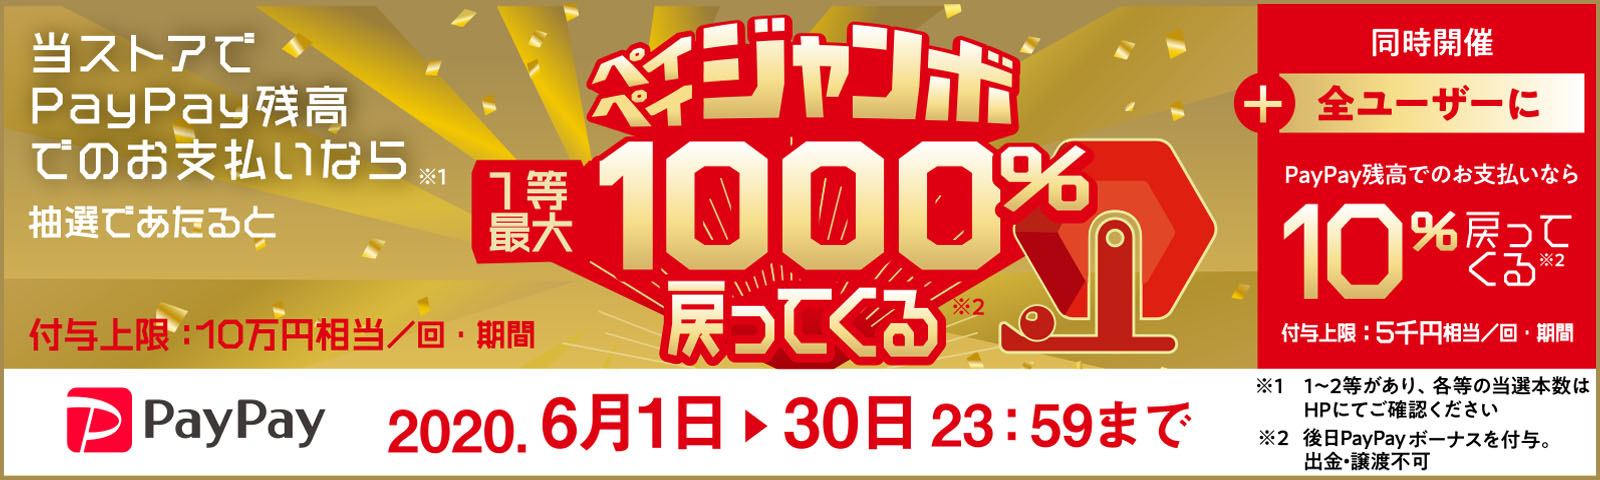 ペイペイ(オンライン)ジャンボ&最大10%戻ってくるキャンペーン